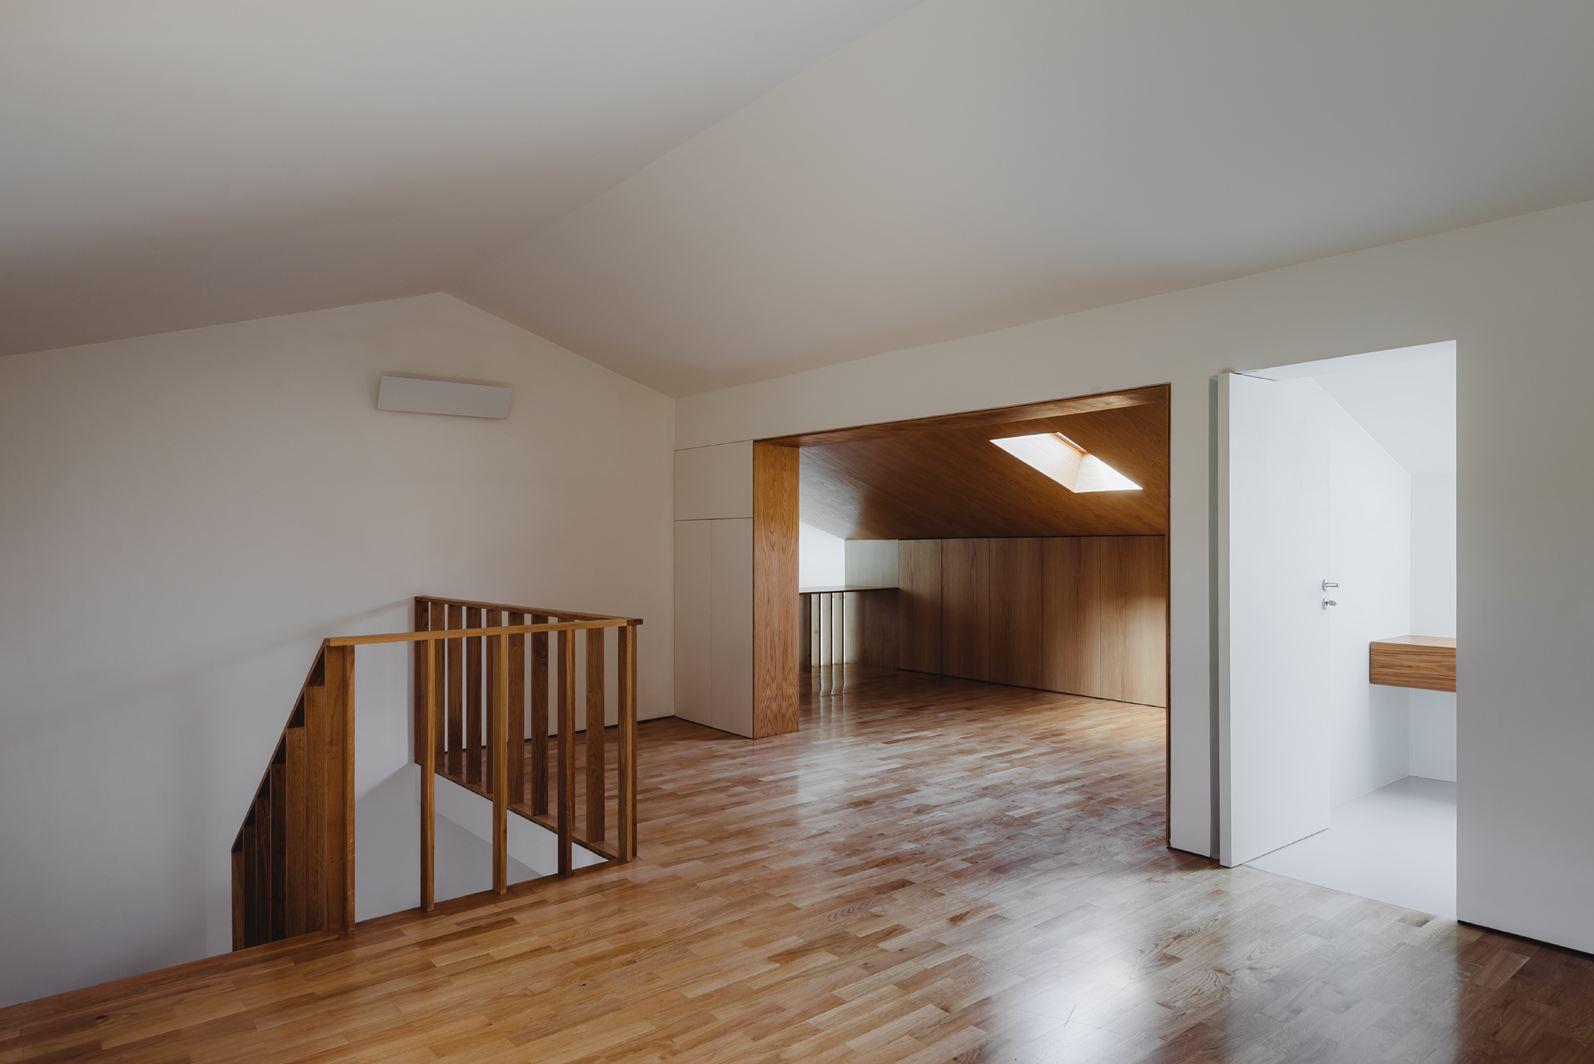 Un appartamento tra legno e luce - Mobili per mansarde ikea ...